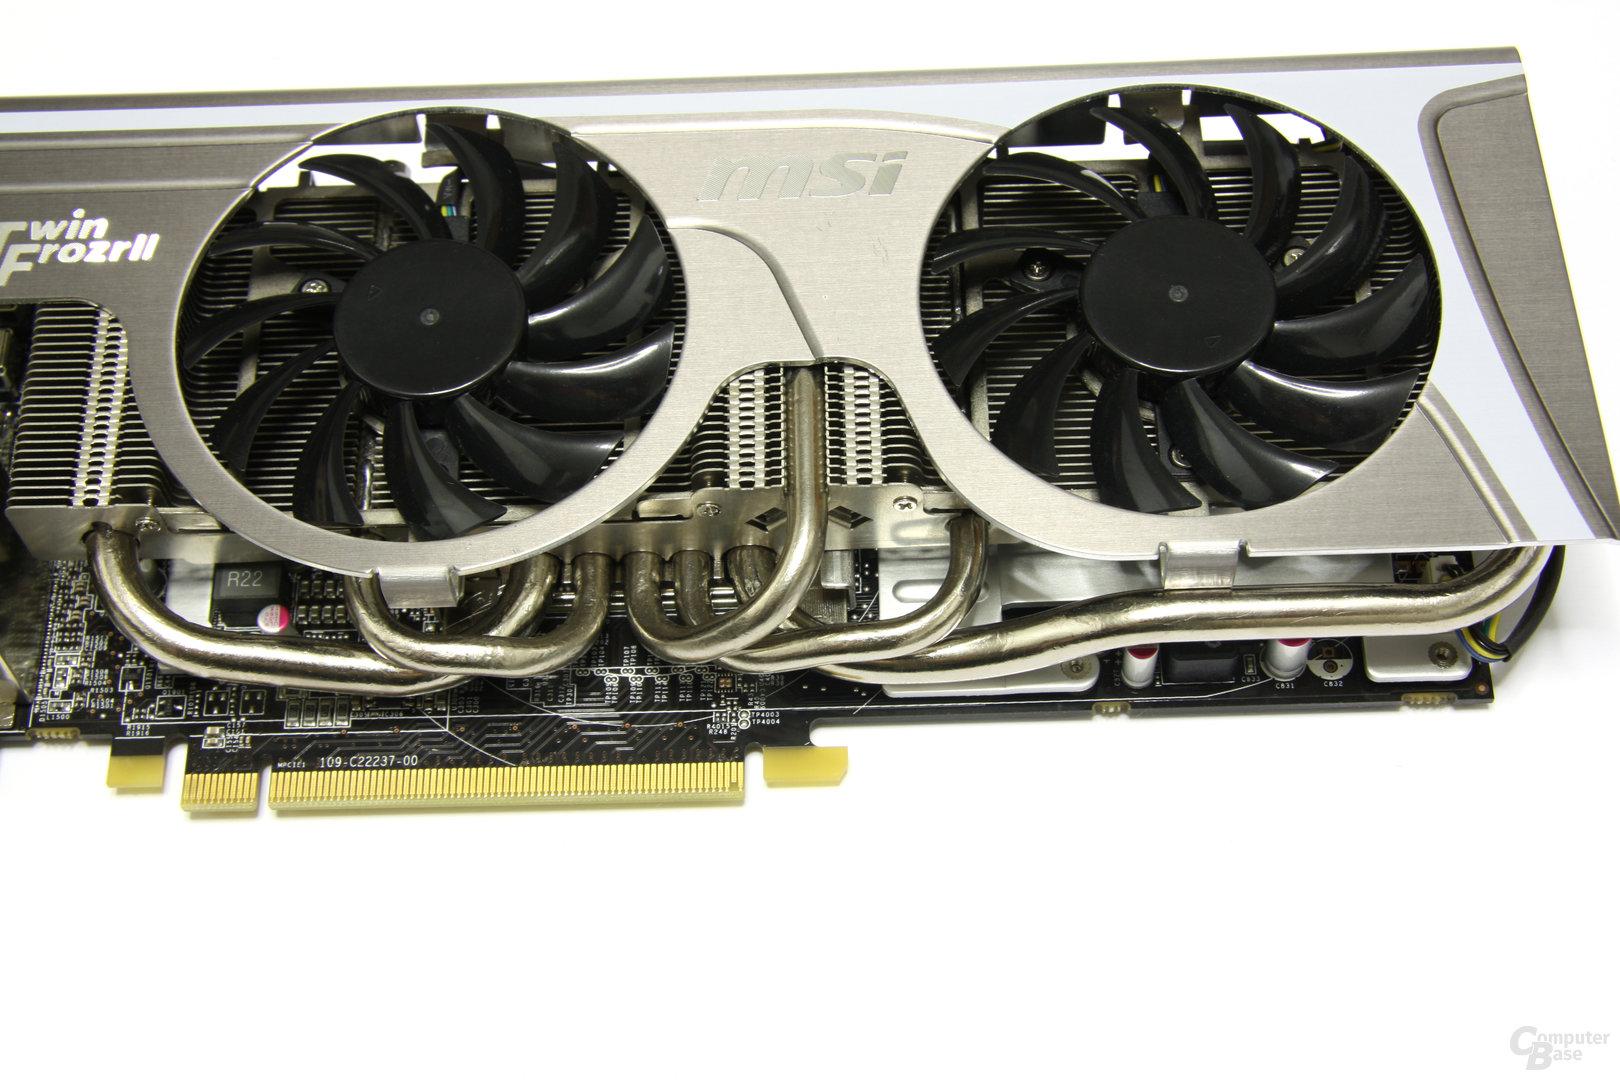 Radeon HD 6870 Twin Frozr II Kühler